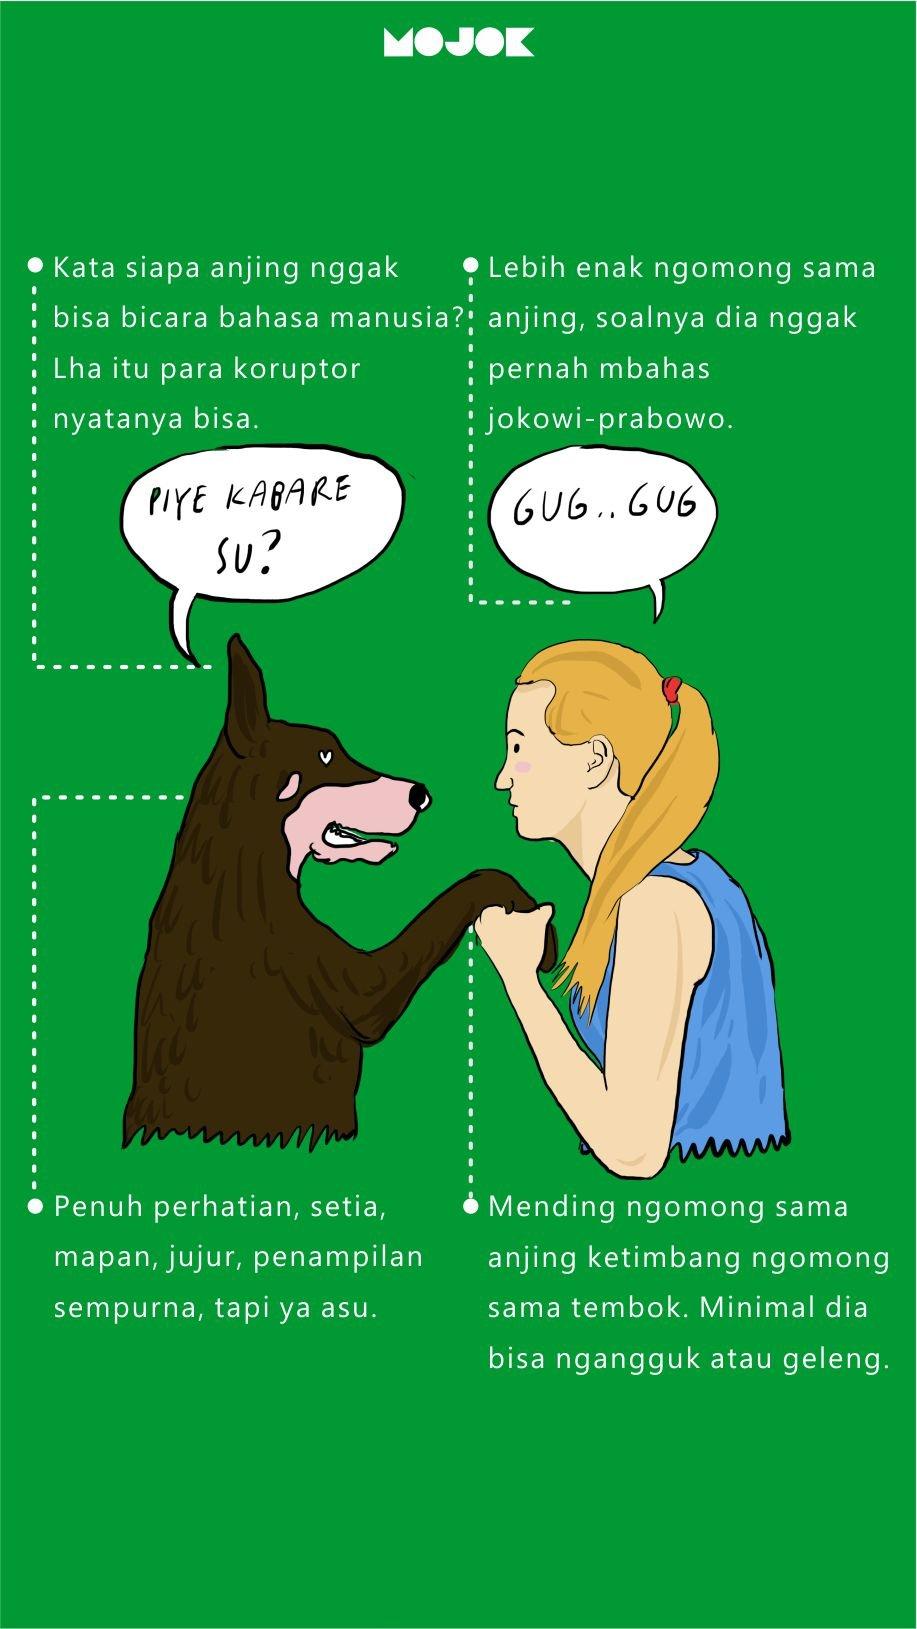 Berbicara dengan anjing